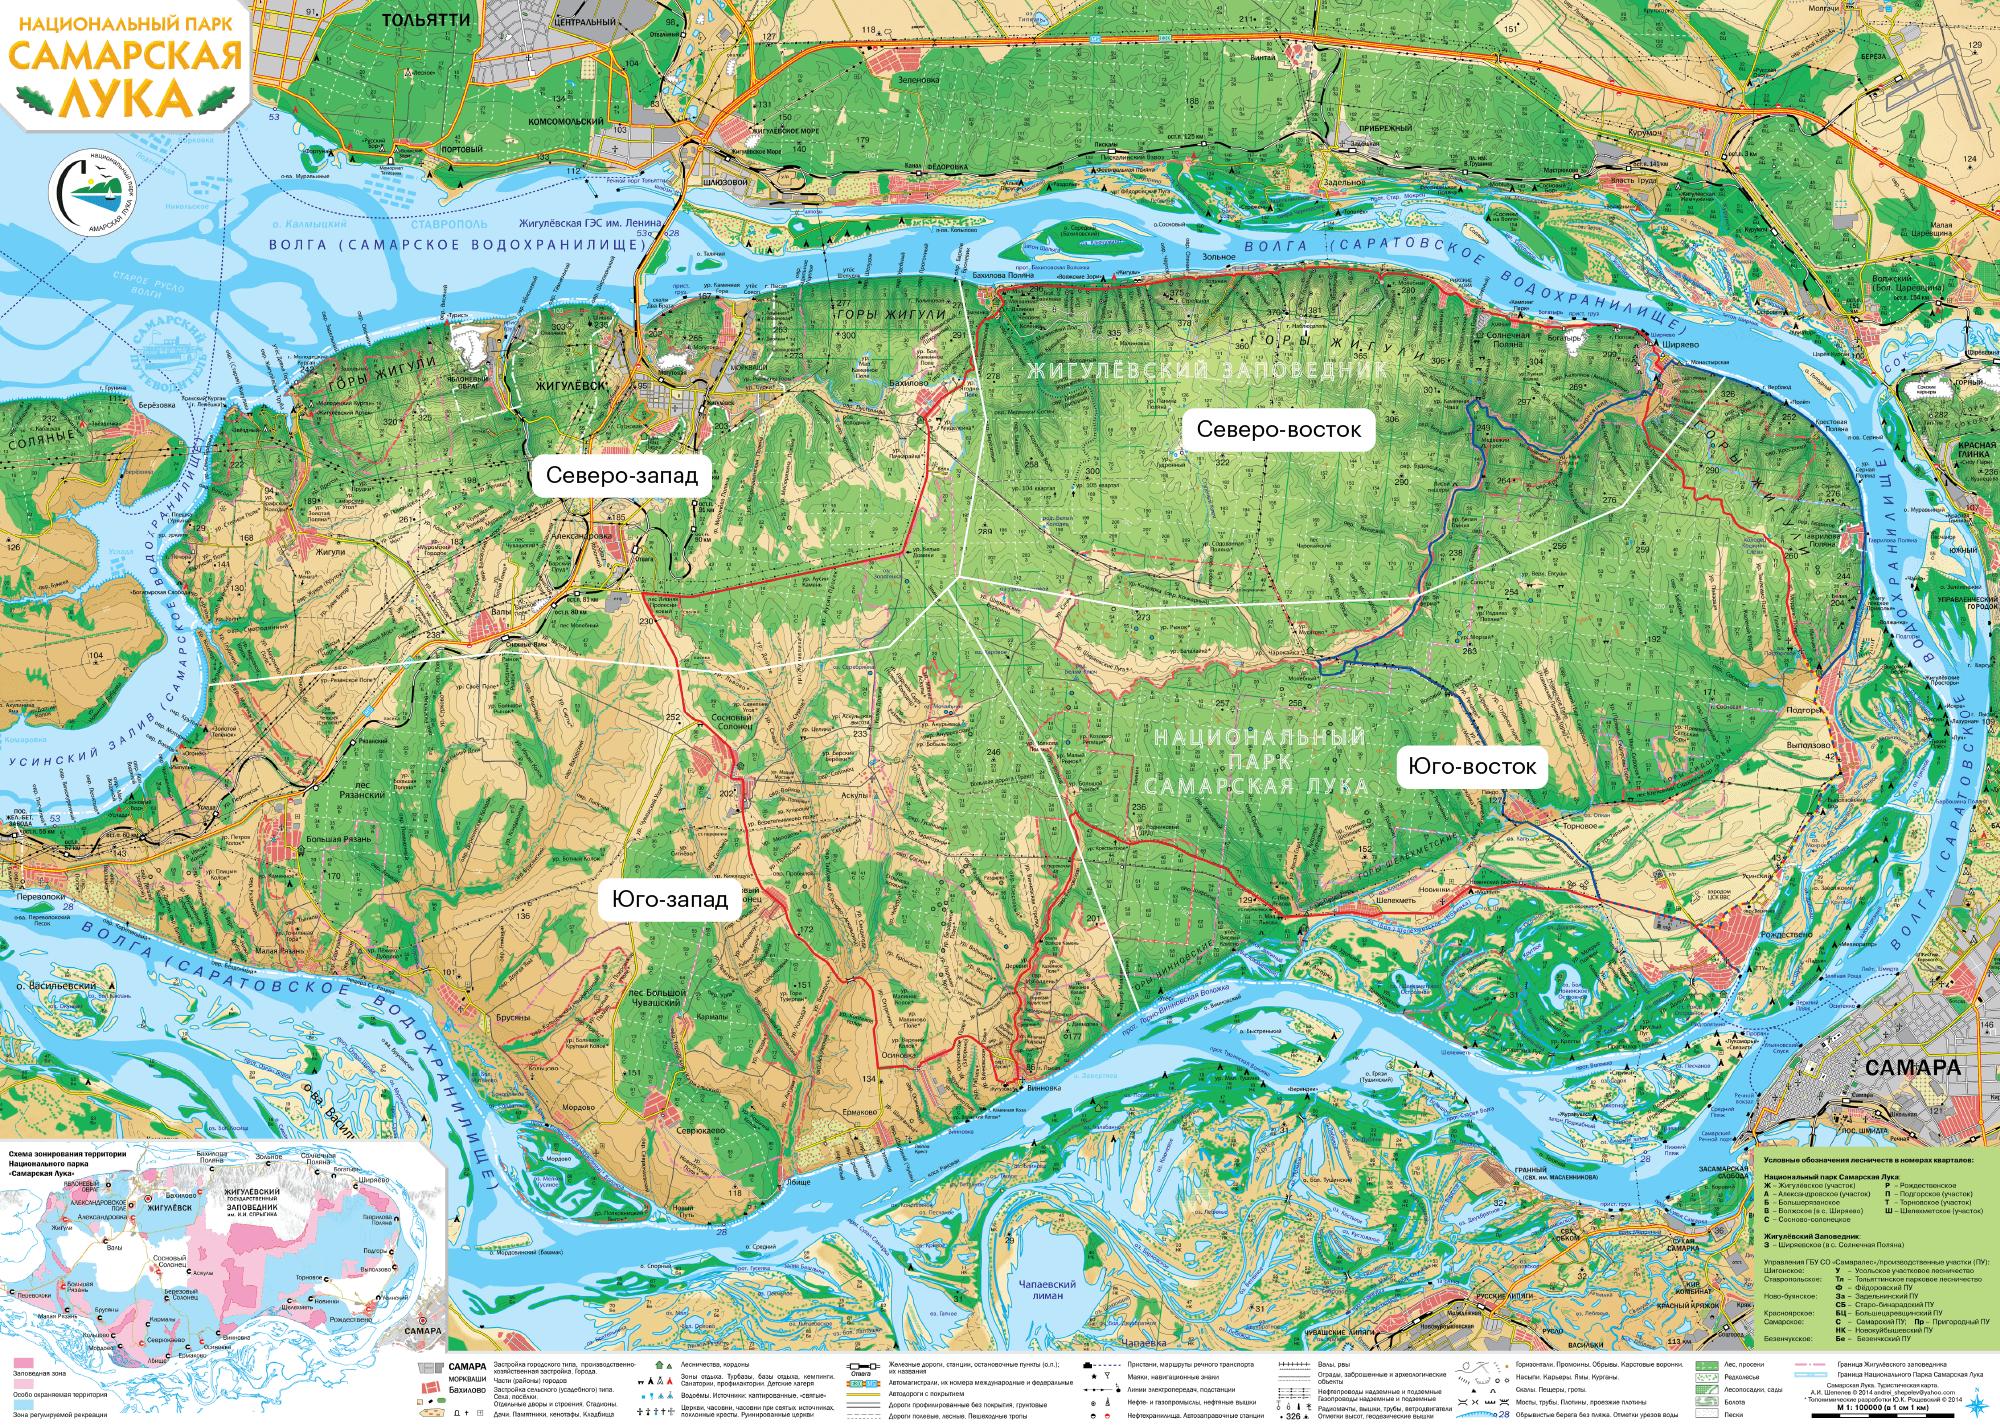 Карта нацпарка с обозначением мест подпалатки и веломаршрутами